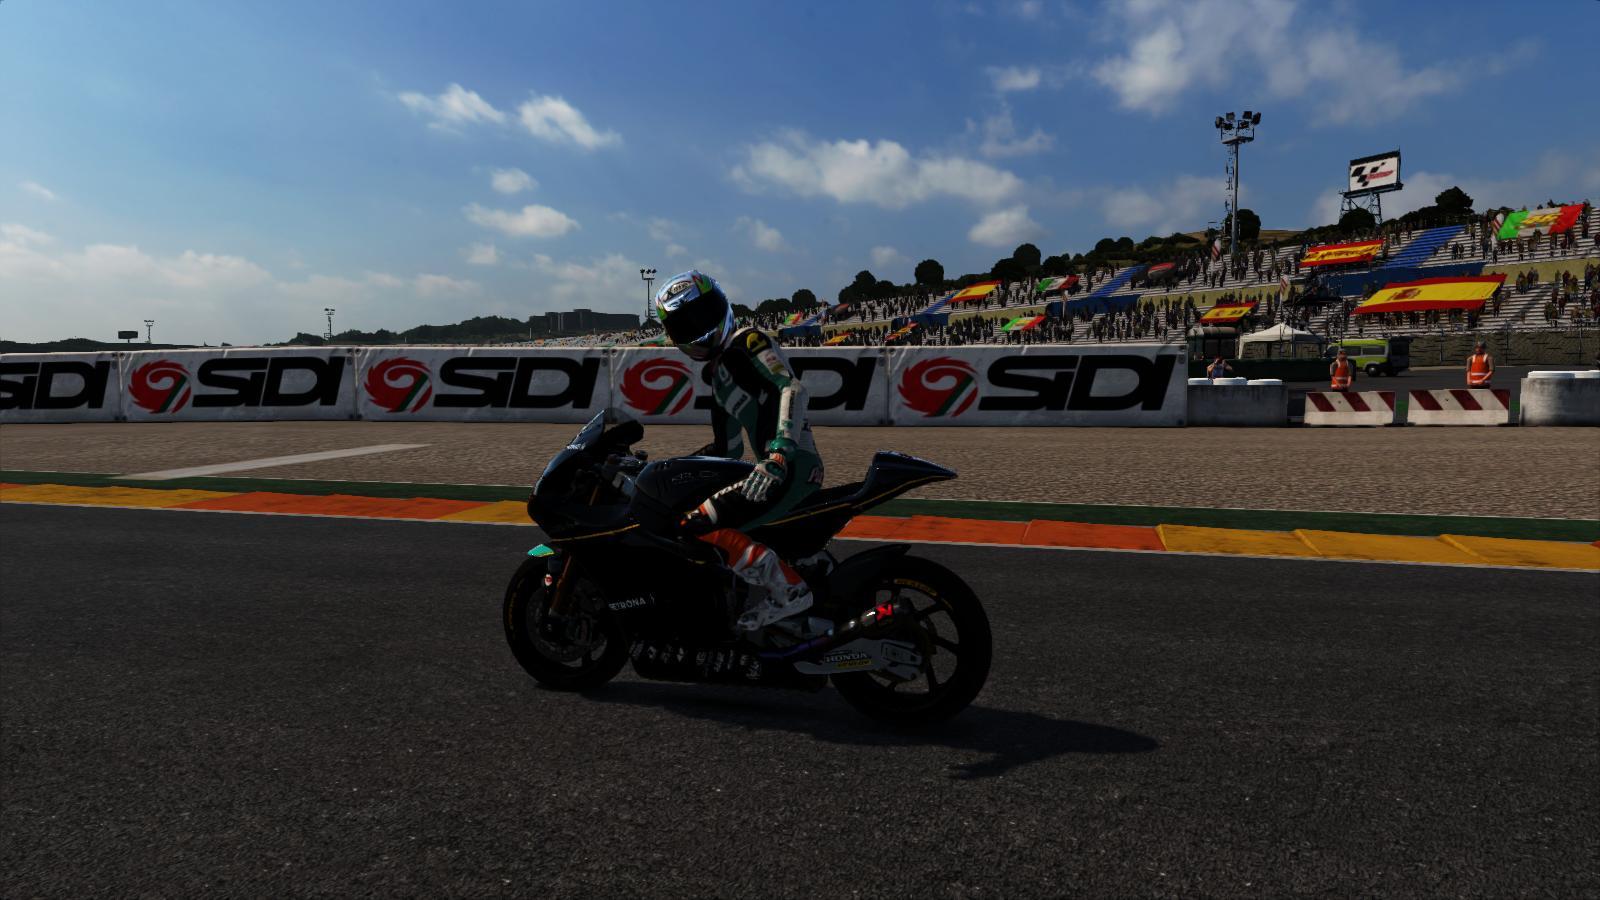 MotoGP14 2015-02-12 23-45-27-18.jpg